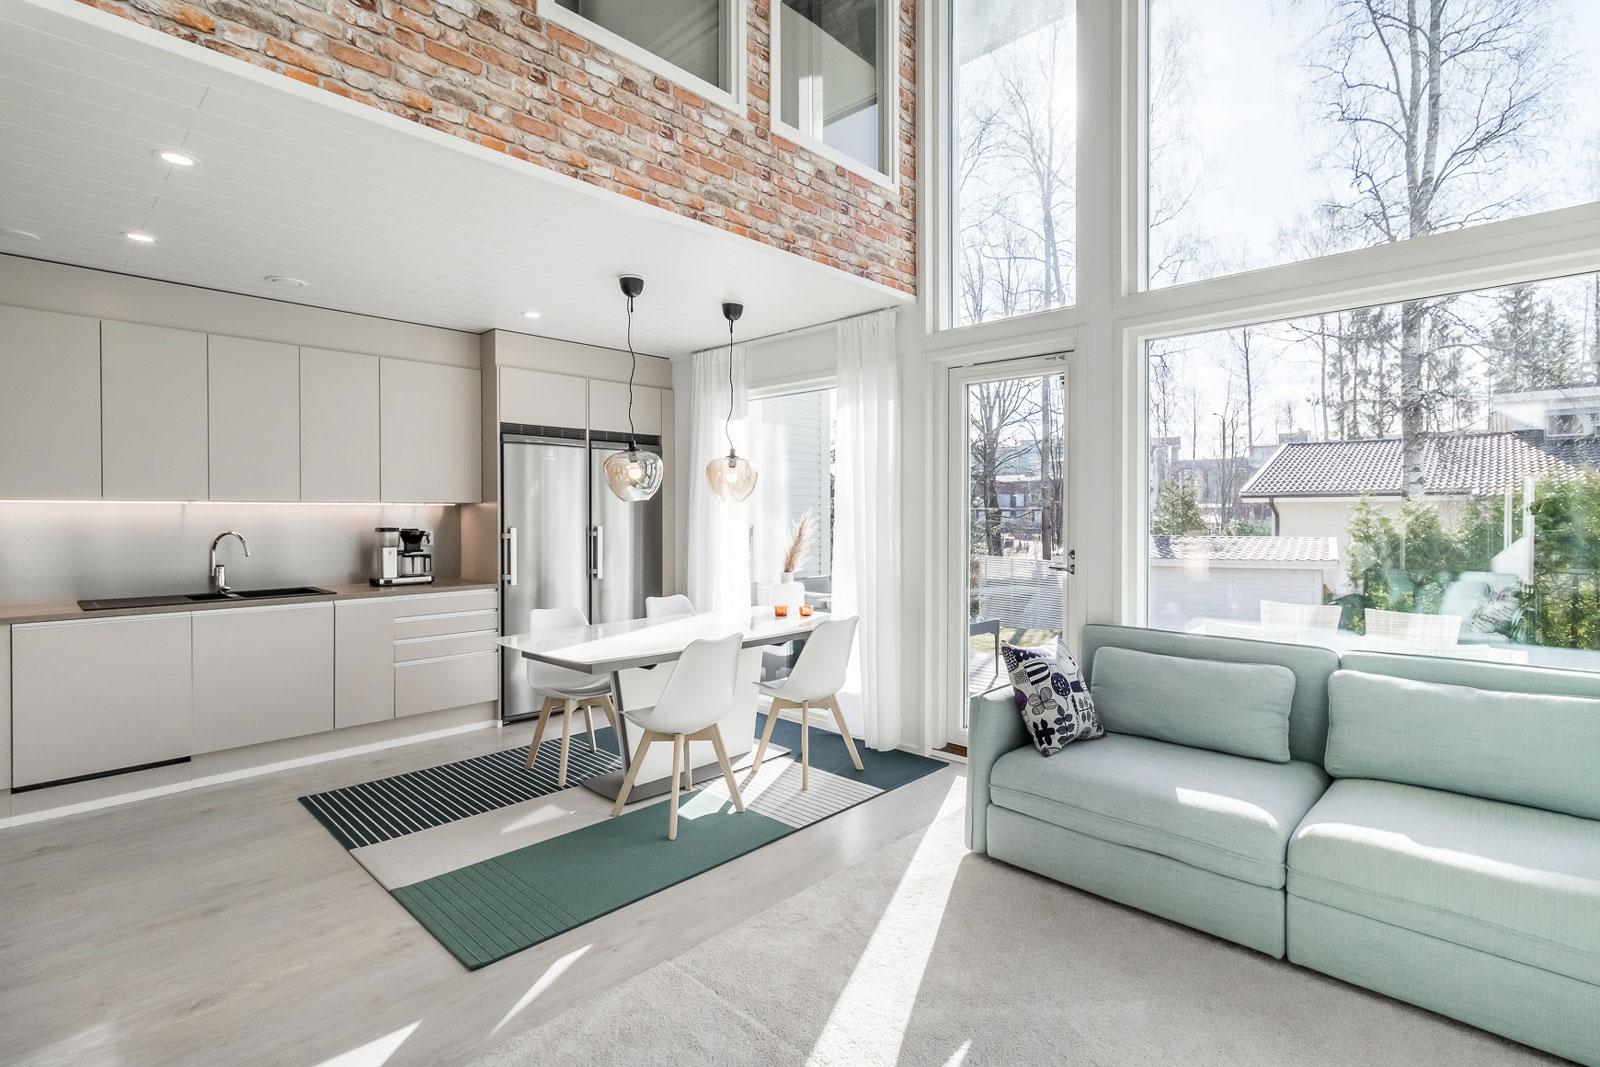 Tämän viikon kaunis koti sijaitsee Kiilletiellä Vantaalla